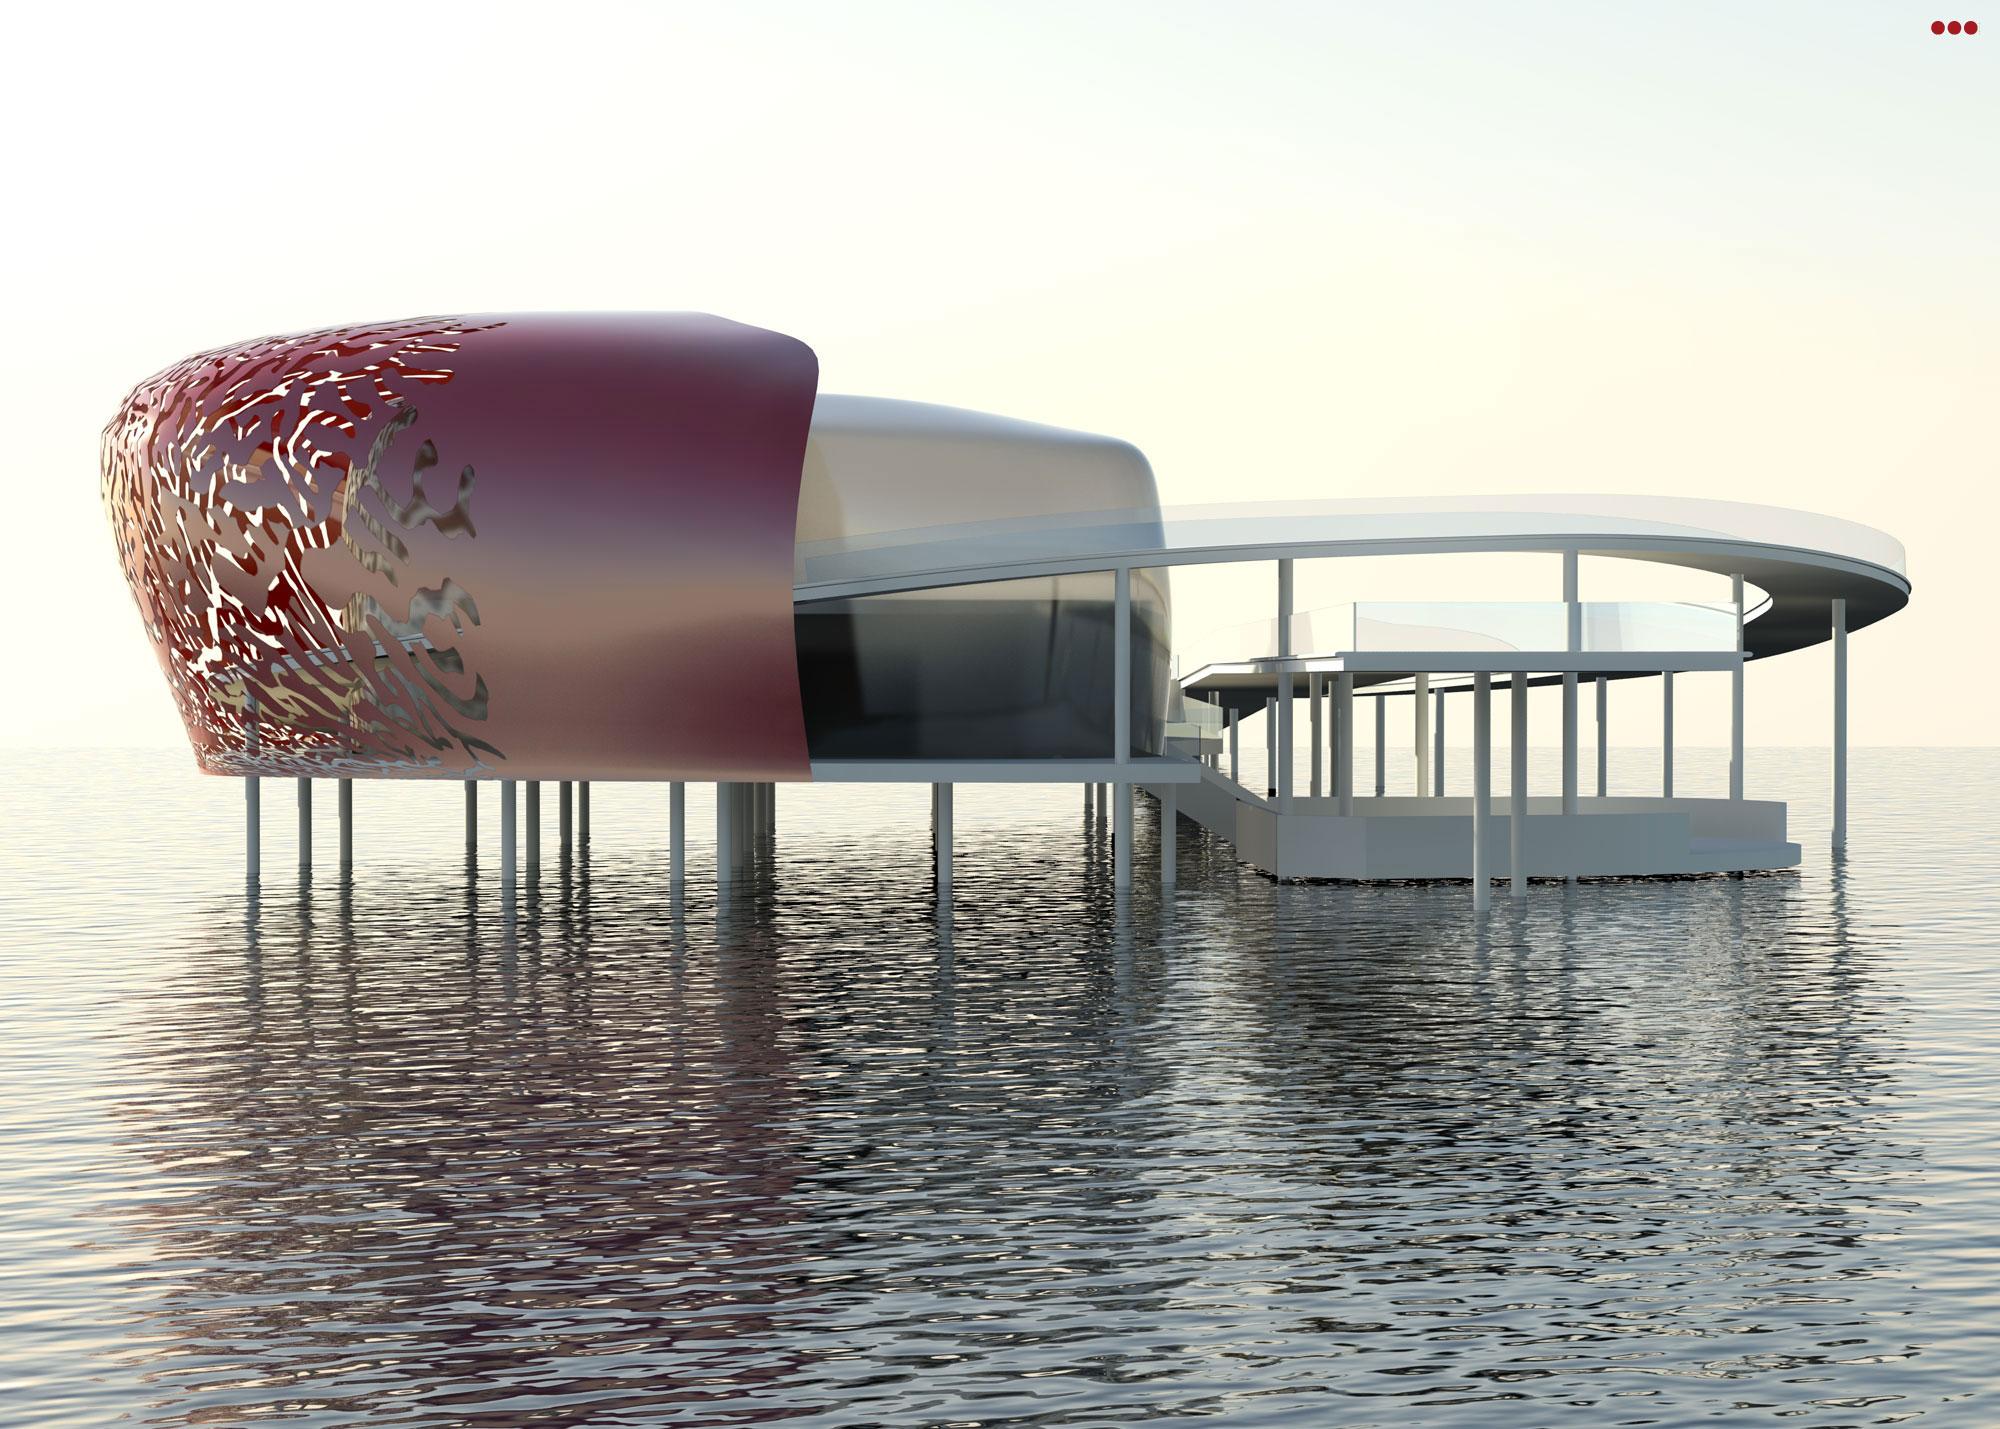 Surdio Bartolini progetto isola porto canale cattolica rimini grafica rendering modeling 3d 5